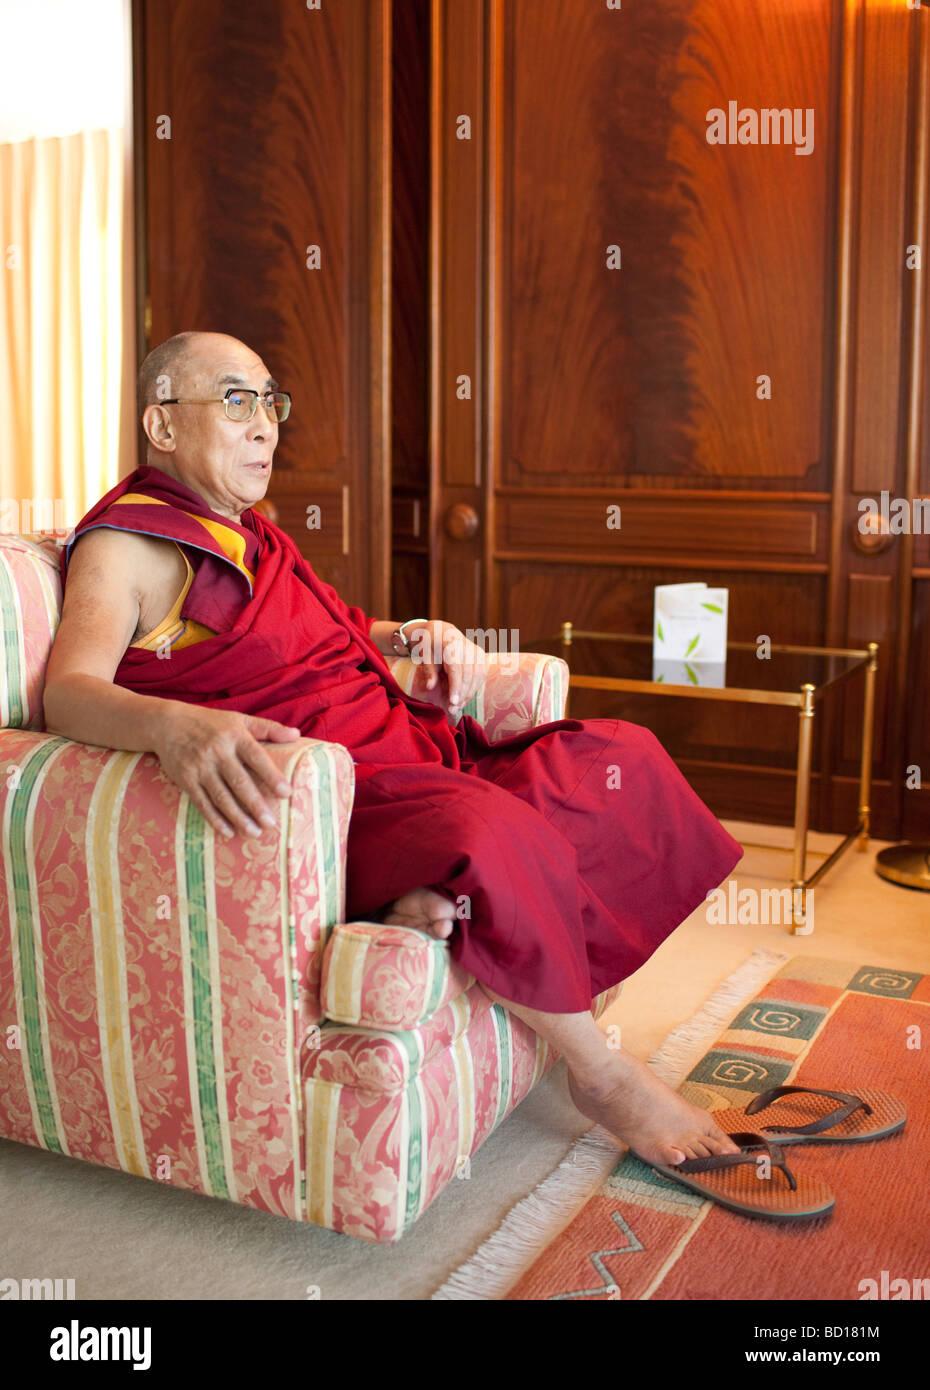 The 14th Dalai Lama Tenzin Gyatso - Stock Image